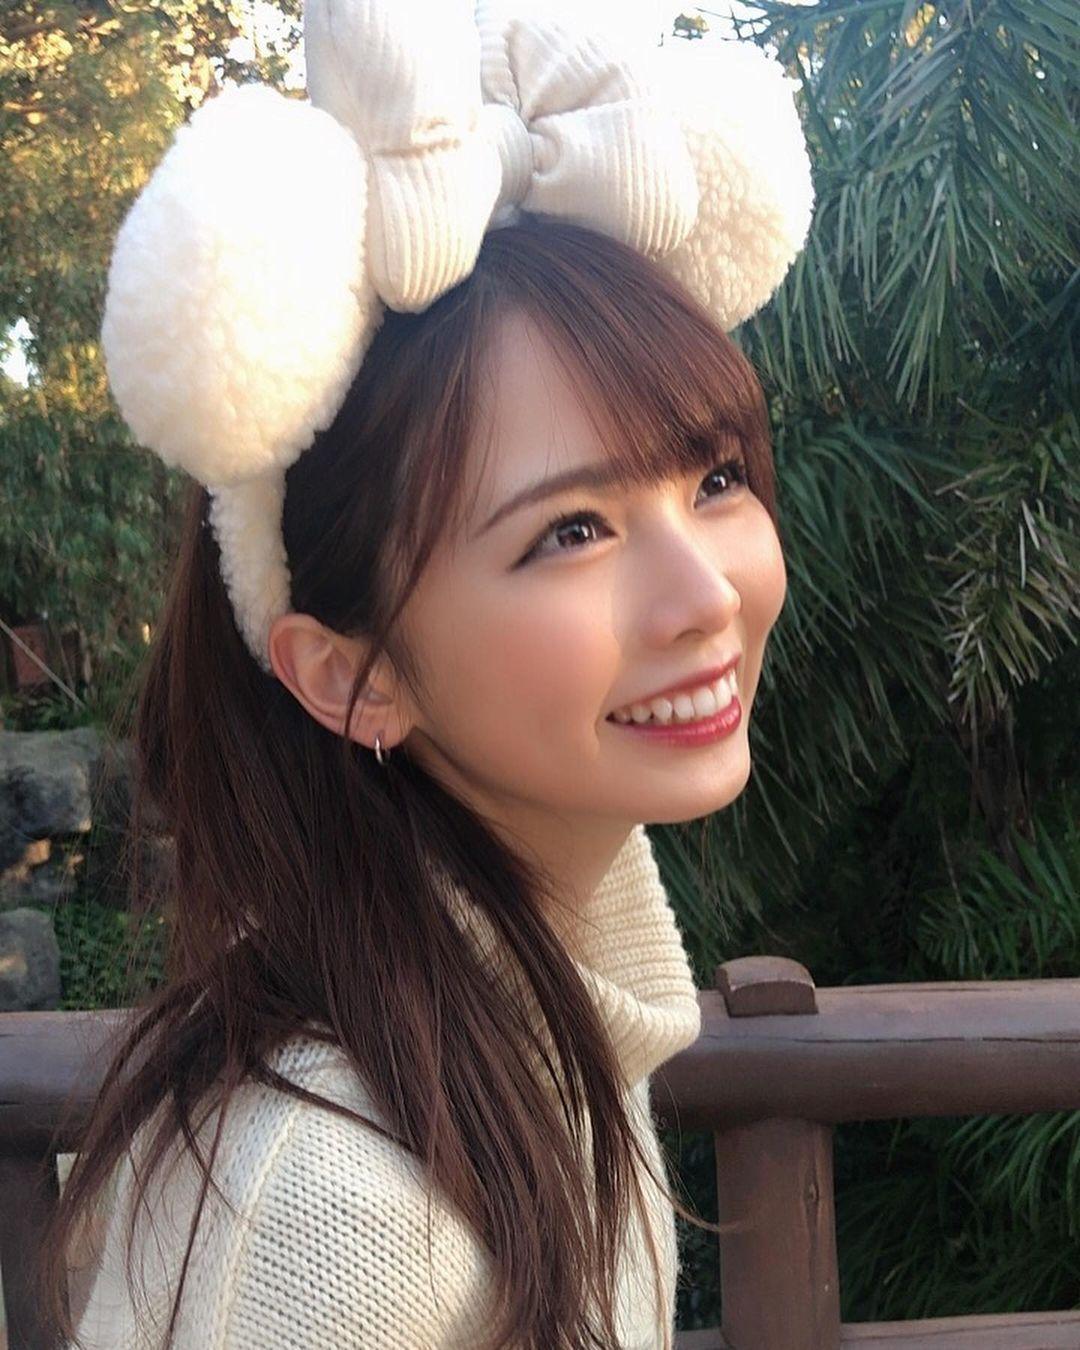 【喵妹】气质小清新「西村歩乃果」美照让人秒恋爱初恋系「甜美笑容」亲和力十足